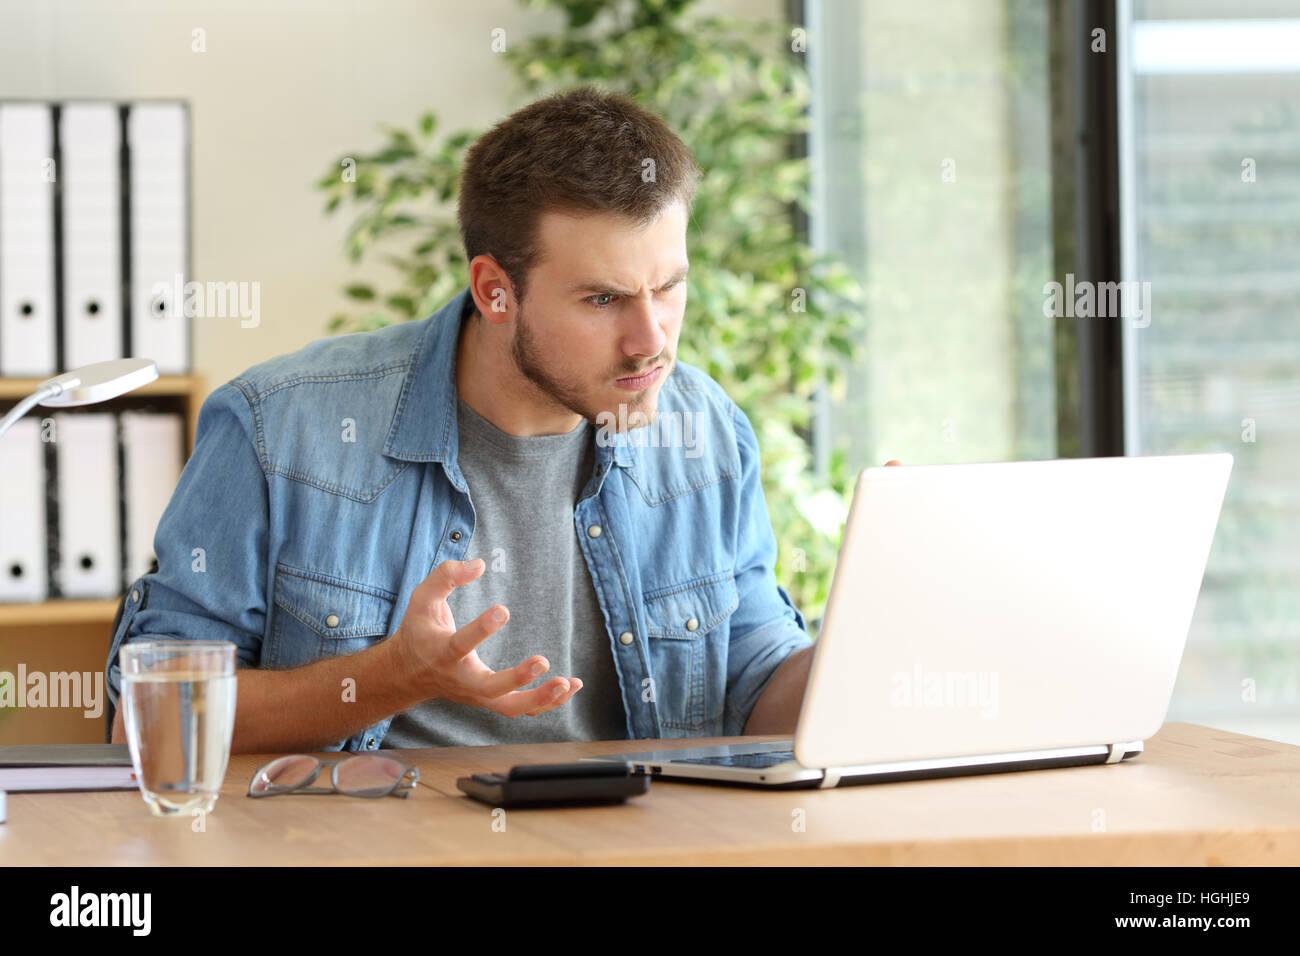 Wütend freiberufliche professionelle Probleme auf Linie mit einem Laptop in einem Desktop neben ein Fenster im Büro Stockfoto